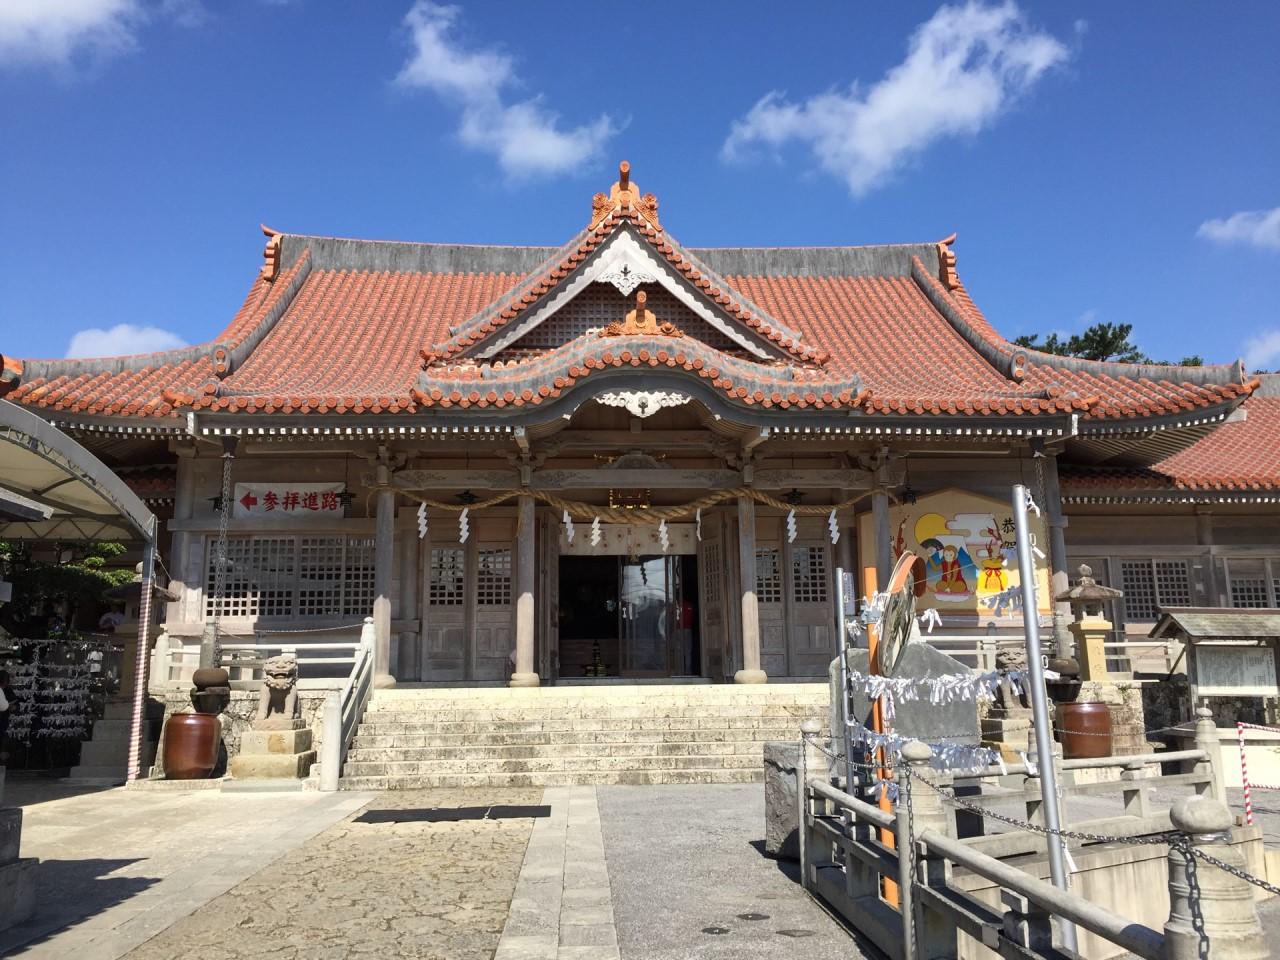 「普天間宮 沖縄」的圖片搜尋結果